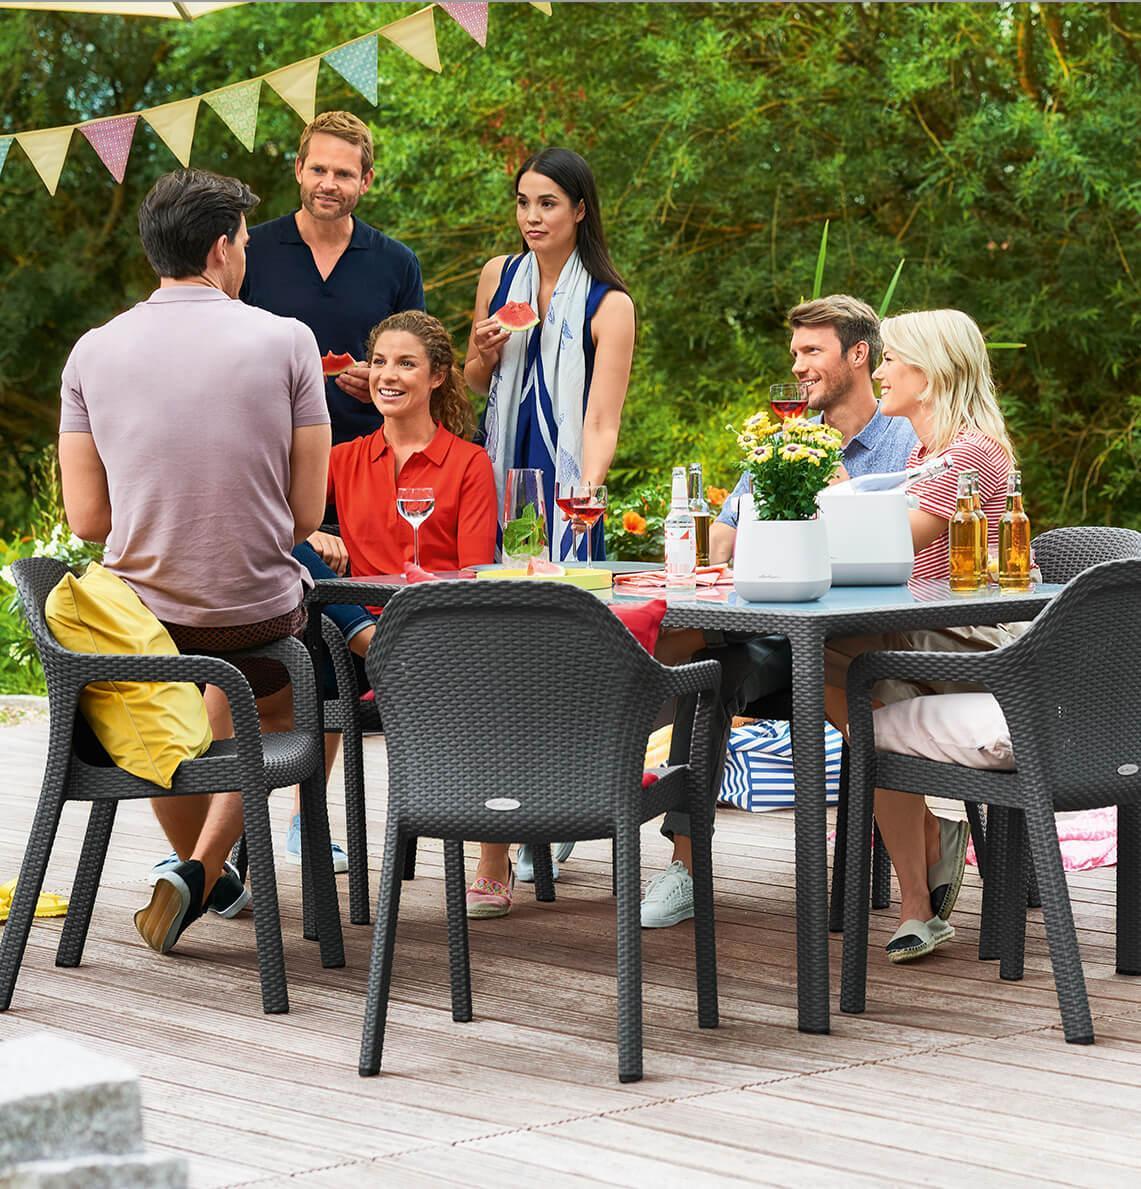 Η παρεά κάνει πάρτι στον κήπο και όλοι κάθονται άνετα γύρω από το τραπέζι LECHUZA.